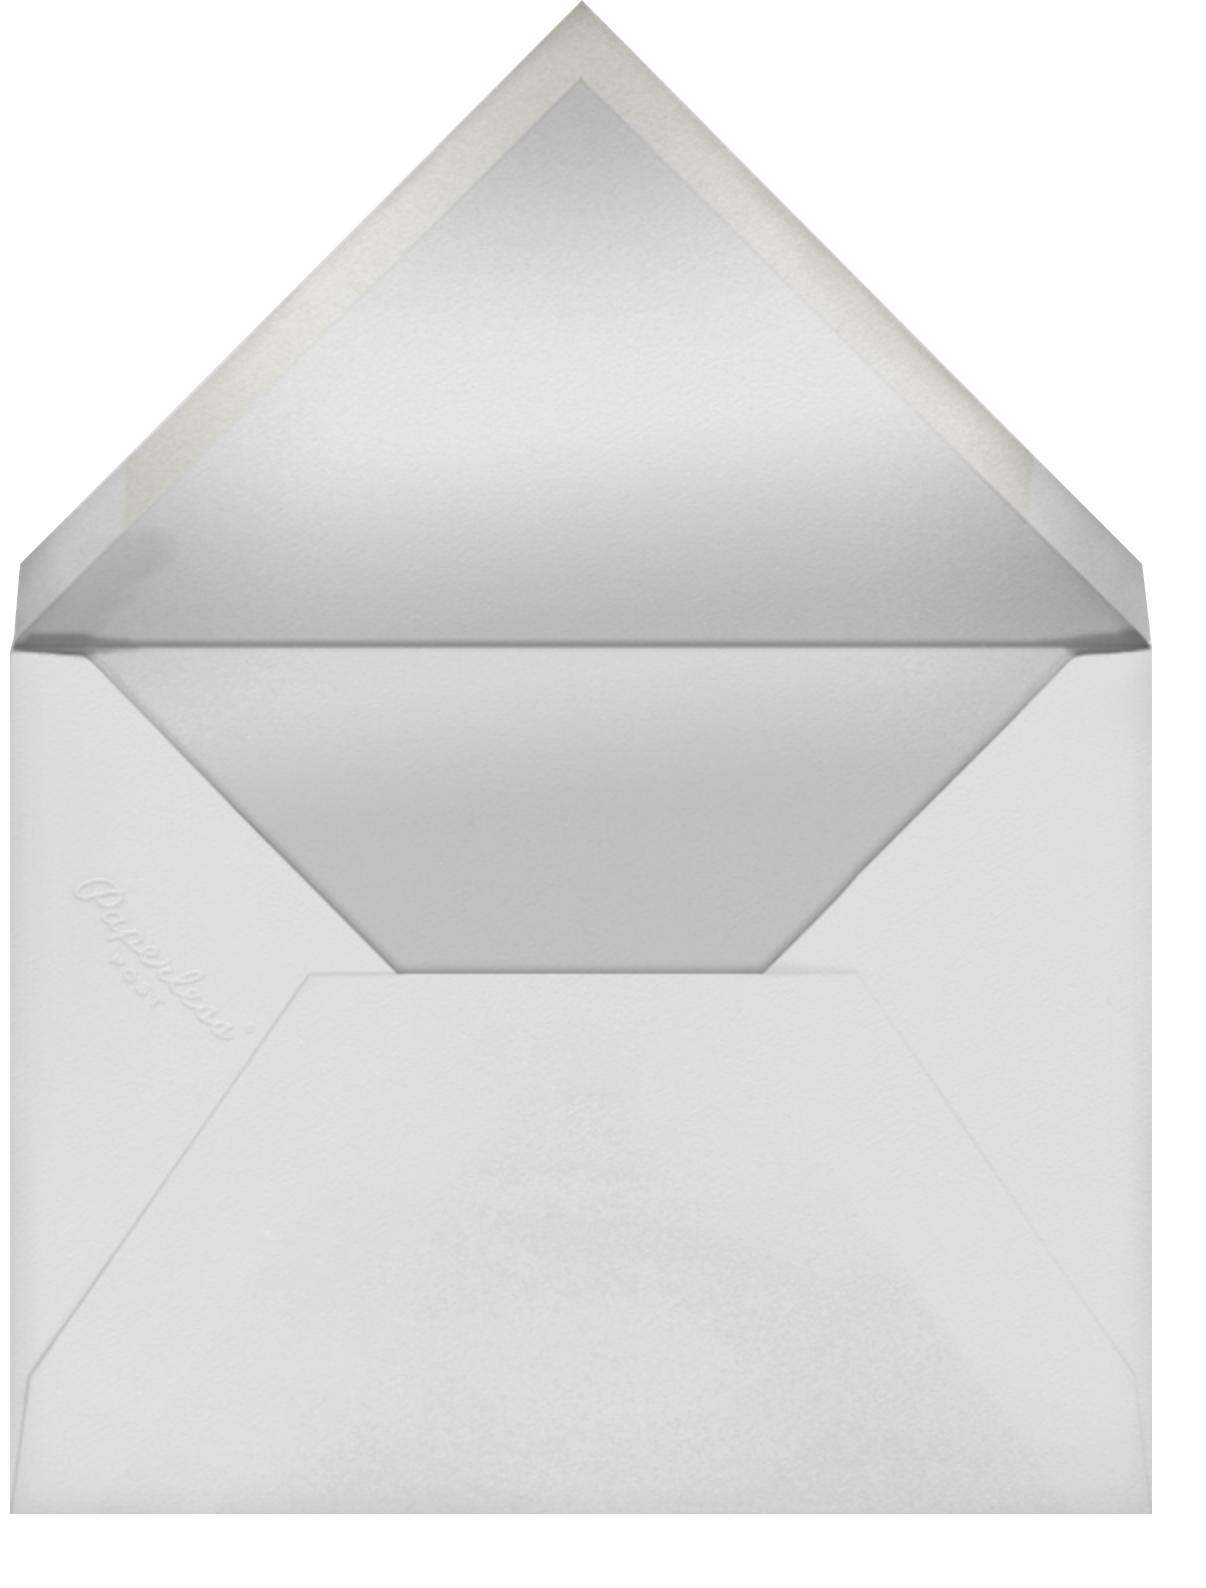 Laurelwood (Program) - White - Paperless Post - Envelope